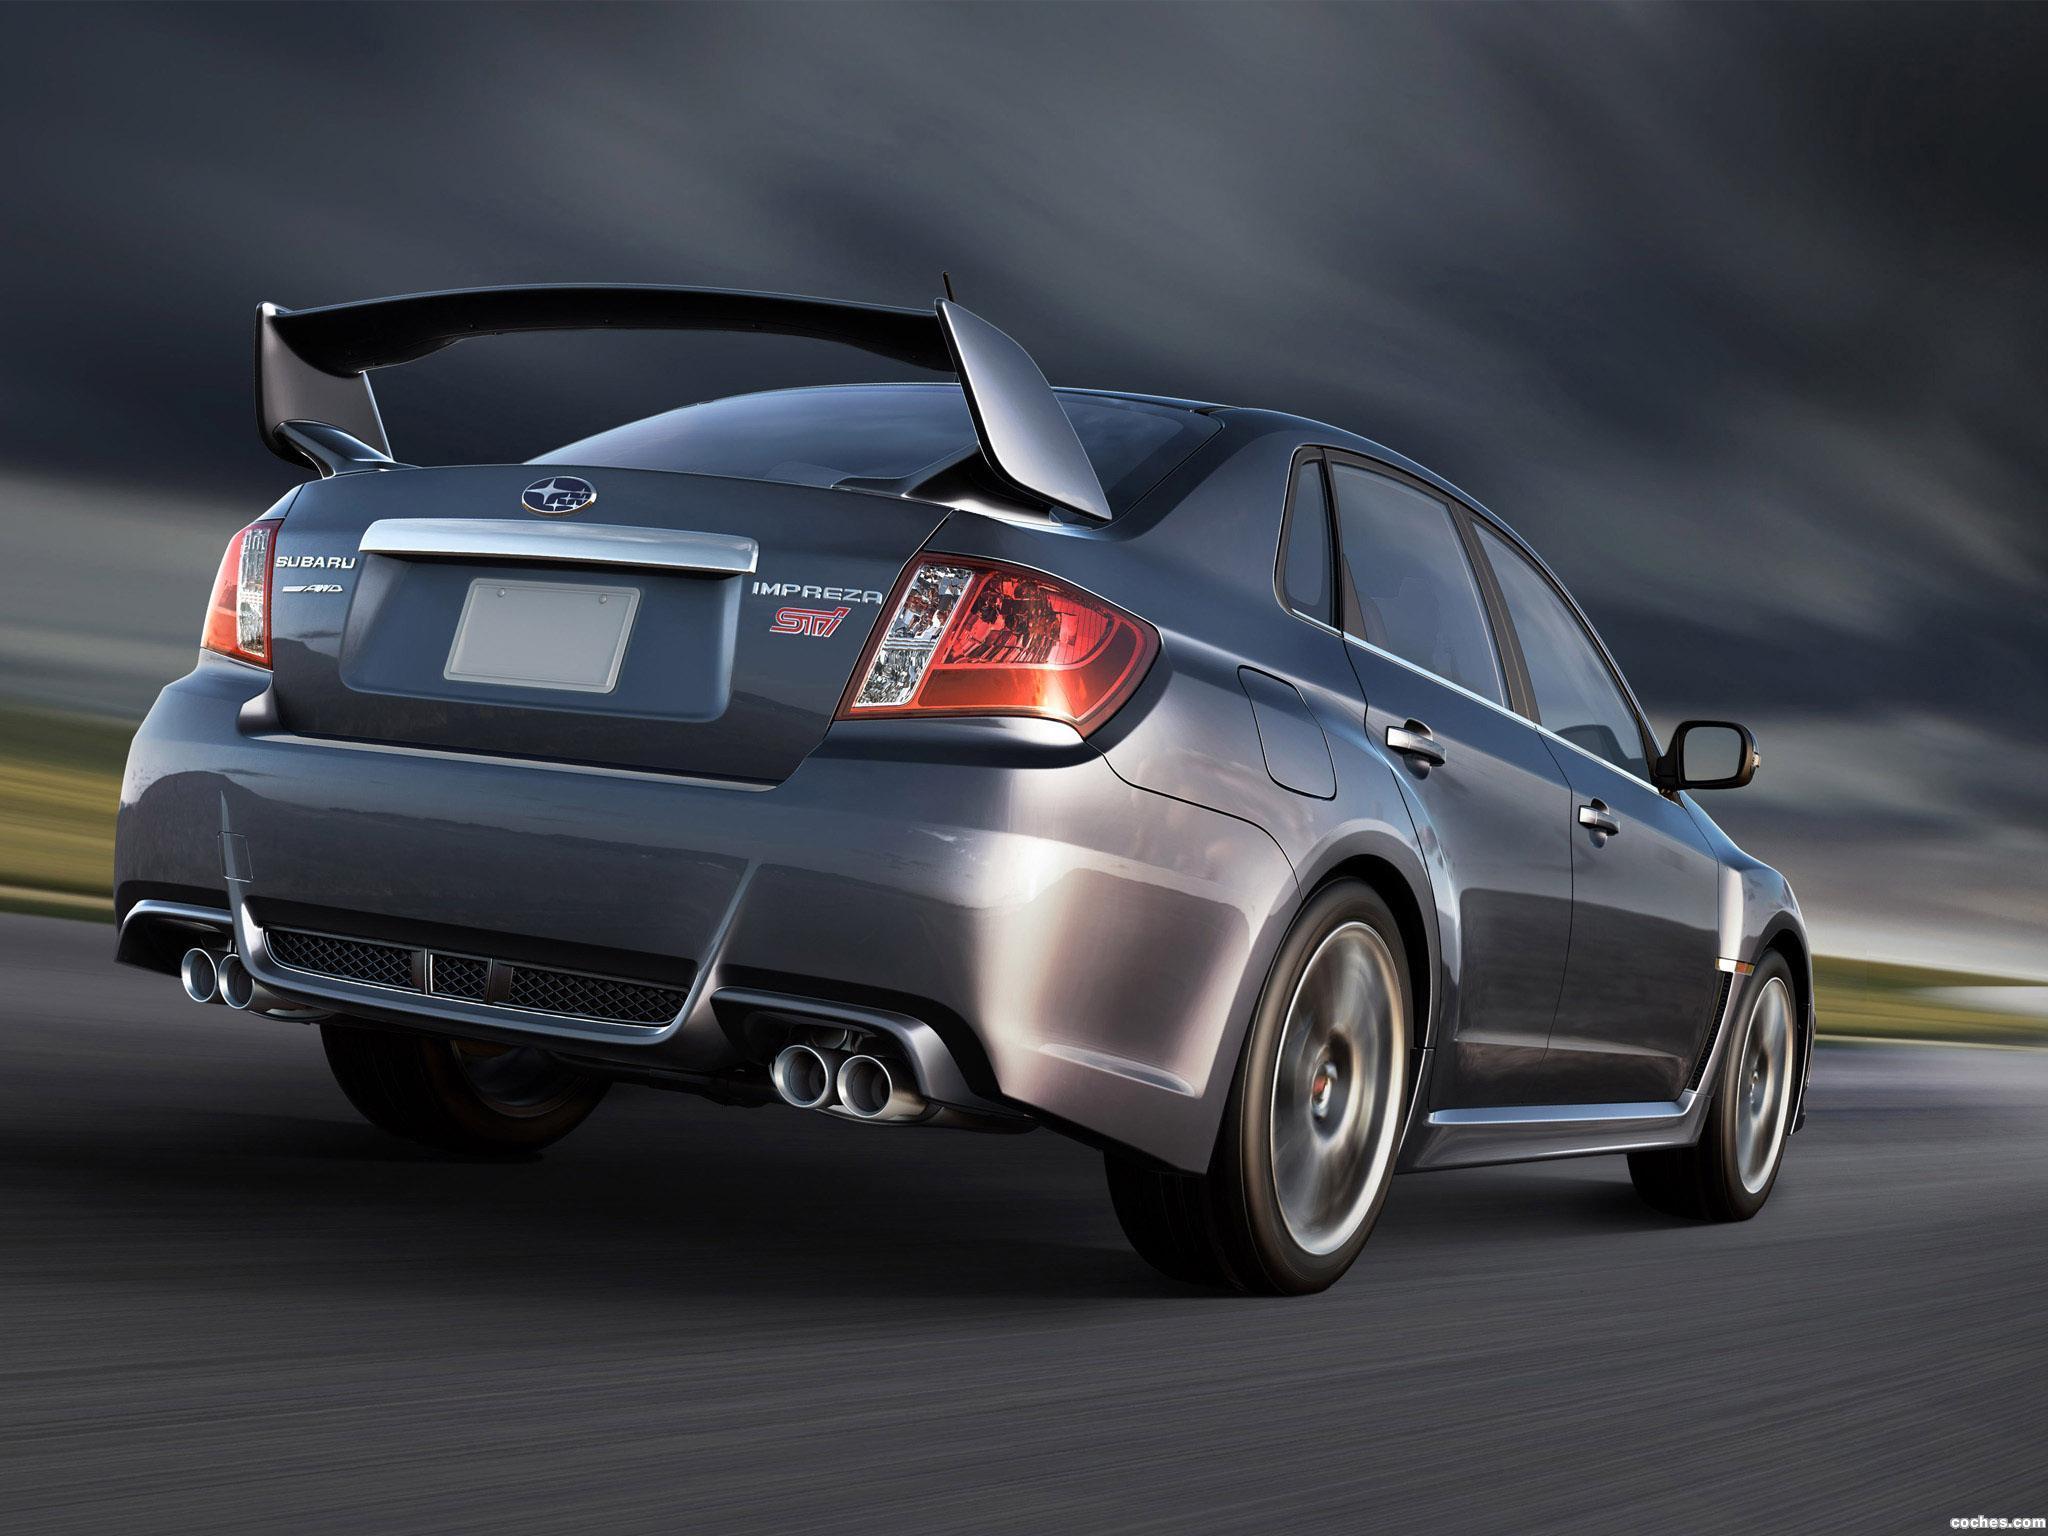 Foto 4 de Subaru Impreza WRX STi Sedan USA 2010